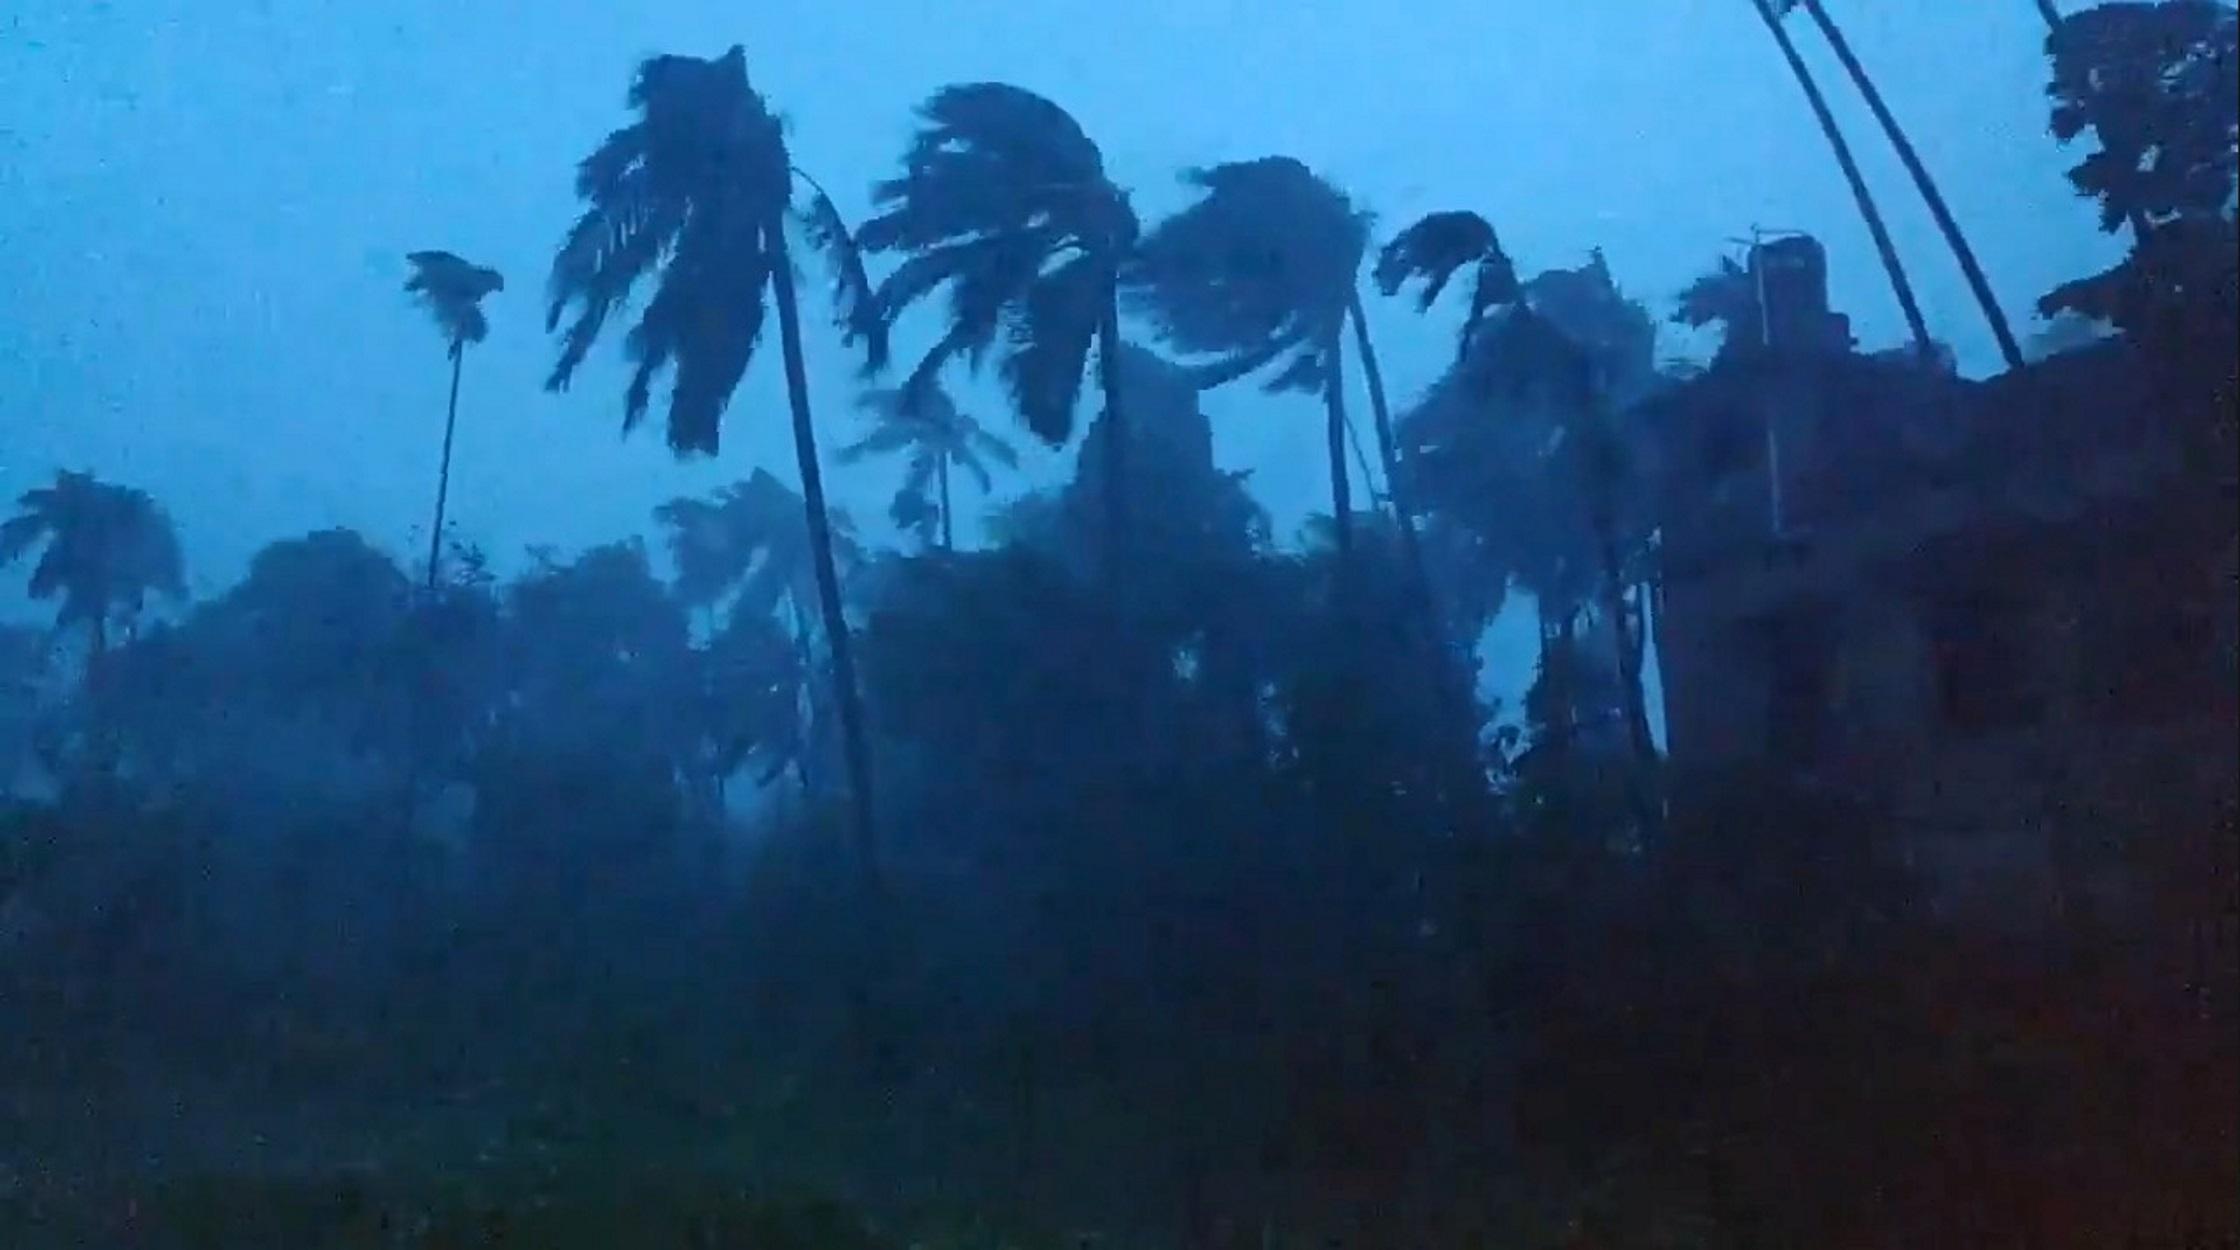 """Καιρός meteo: Βροχές, καταιγίδες και… μεσογειακός κυκλώνας – Που θα """"χτυπήσει"""""""